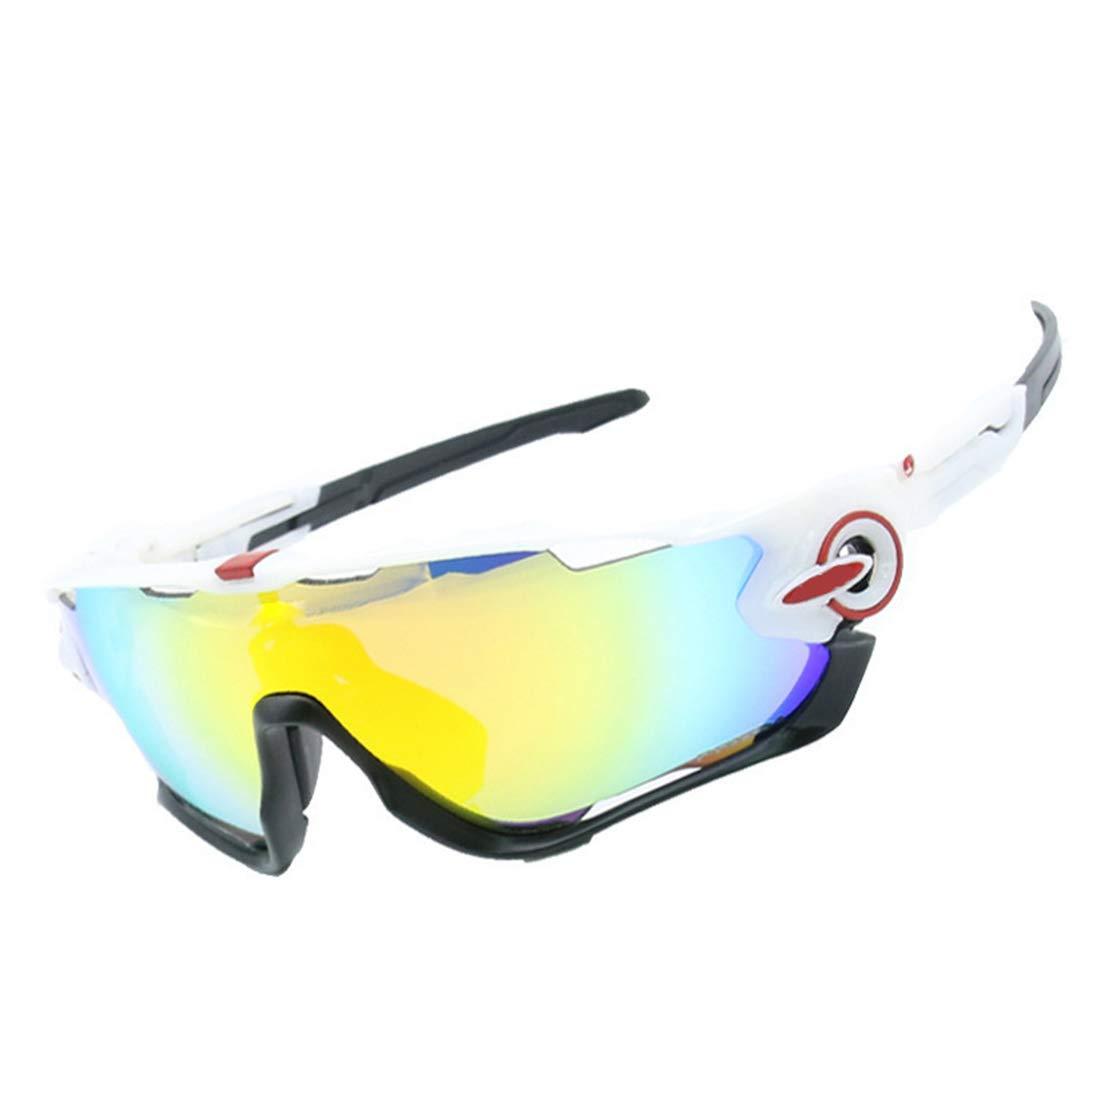 JESSIEKERVIN YY3 Erwachsene Fahrradbrillen Fahrrad Farbwechselbrillen Outdoorbrillen Geeignet für Outdoor-Liebhaber.